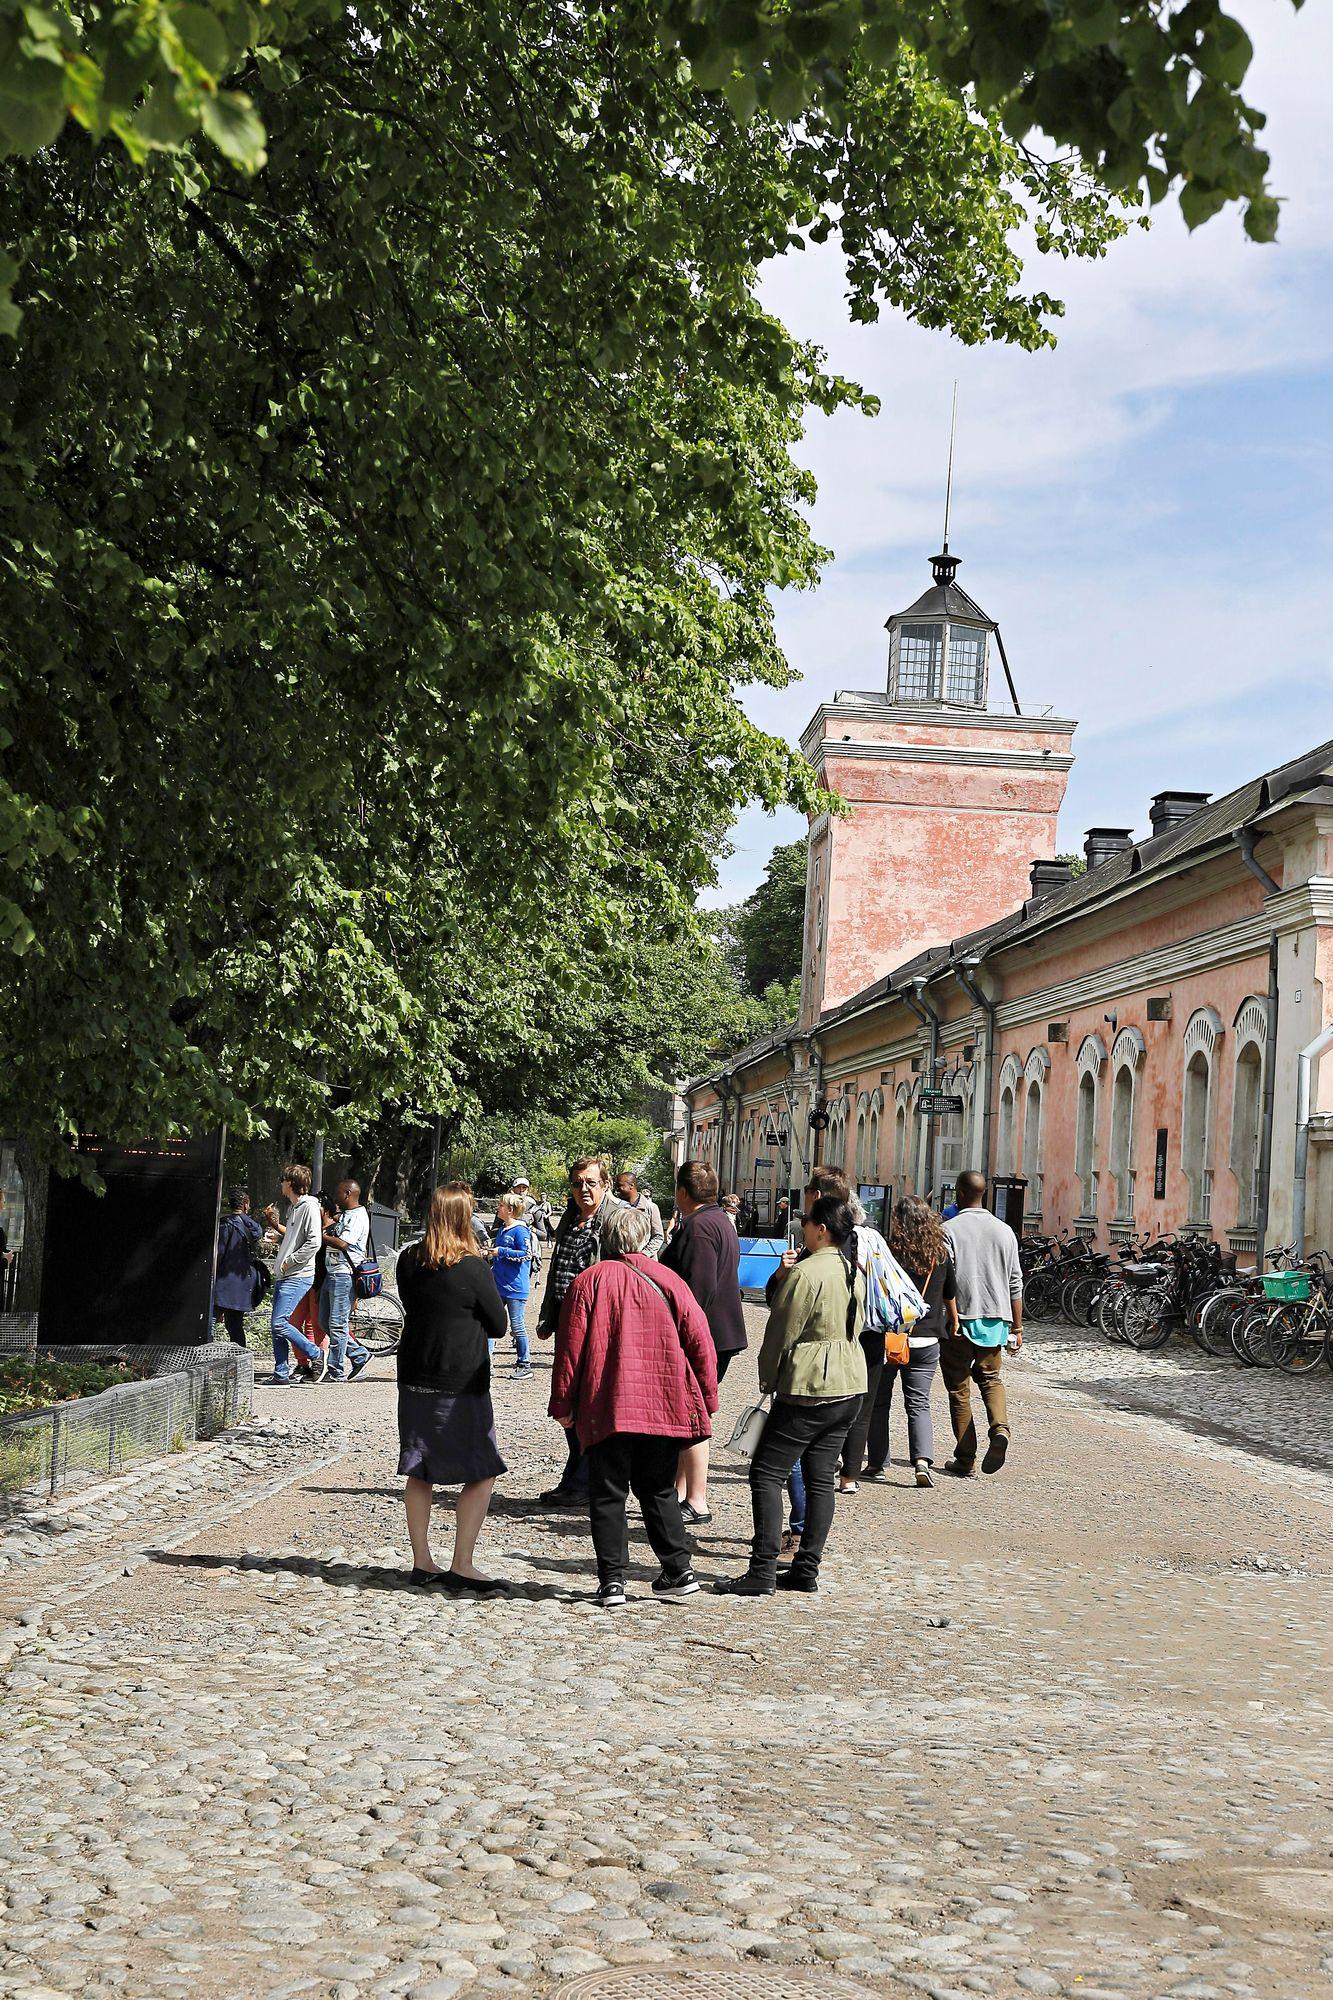 Historiallisesta Suomenlinnasta löytyy tutkittavaa. © Ismo Pekkarinen / Lehtikuva